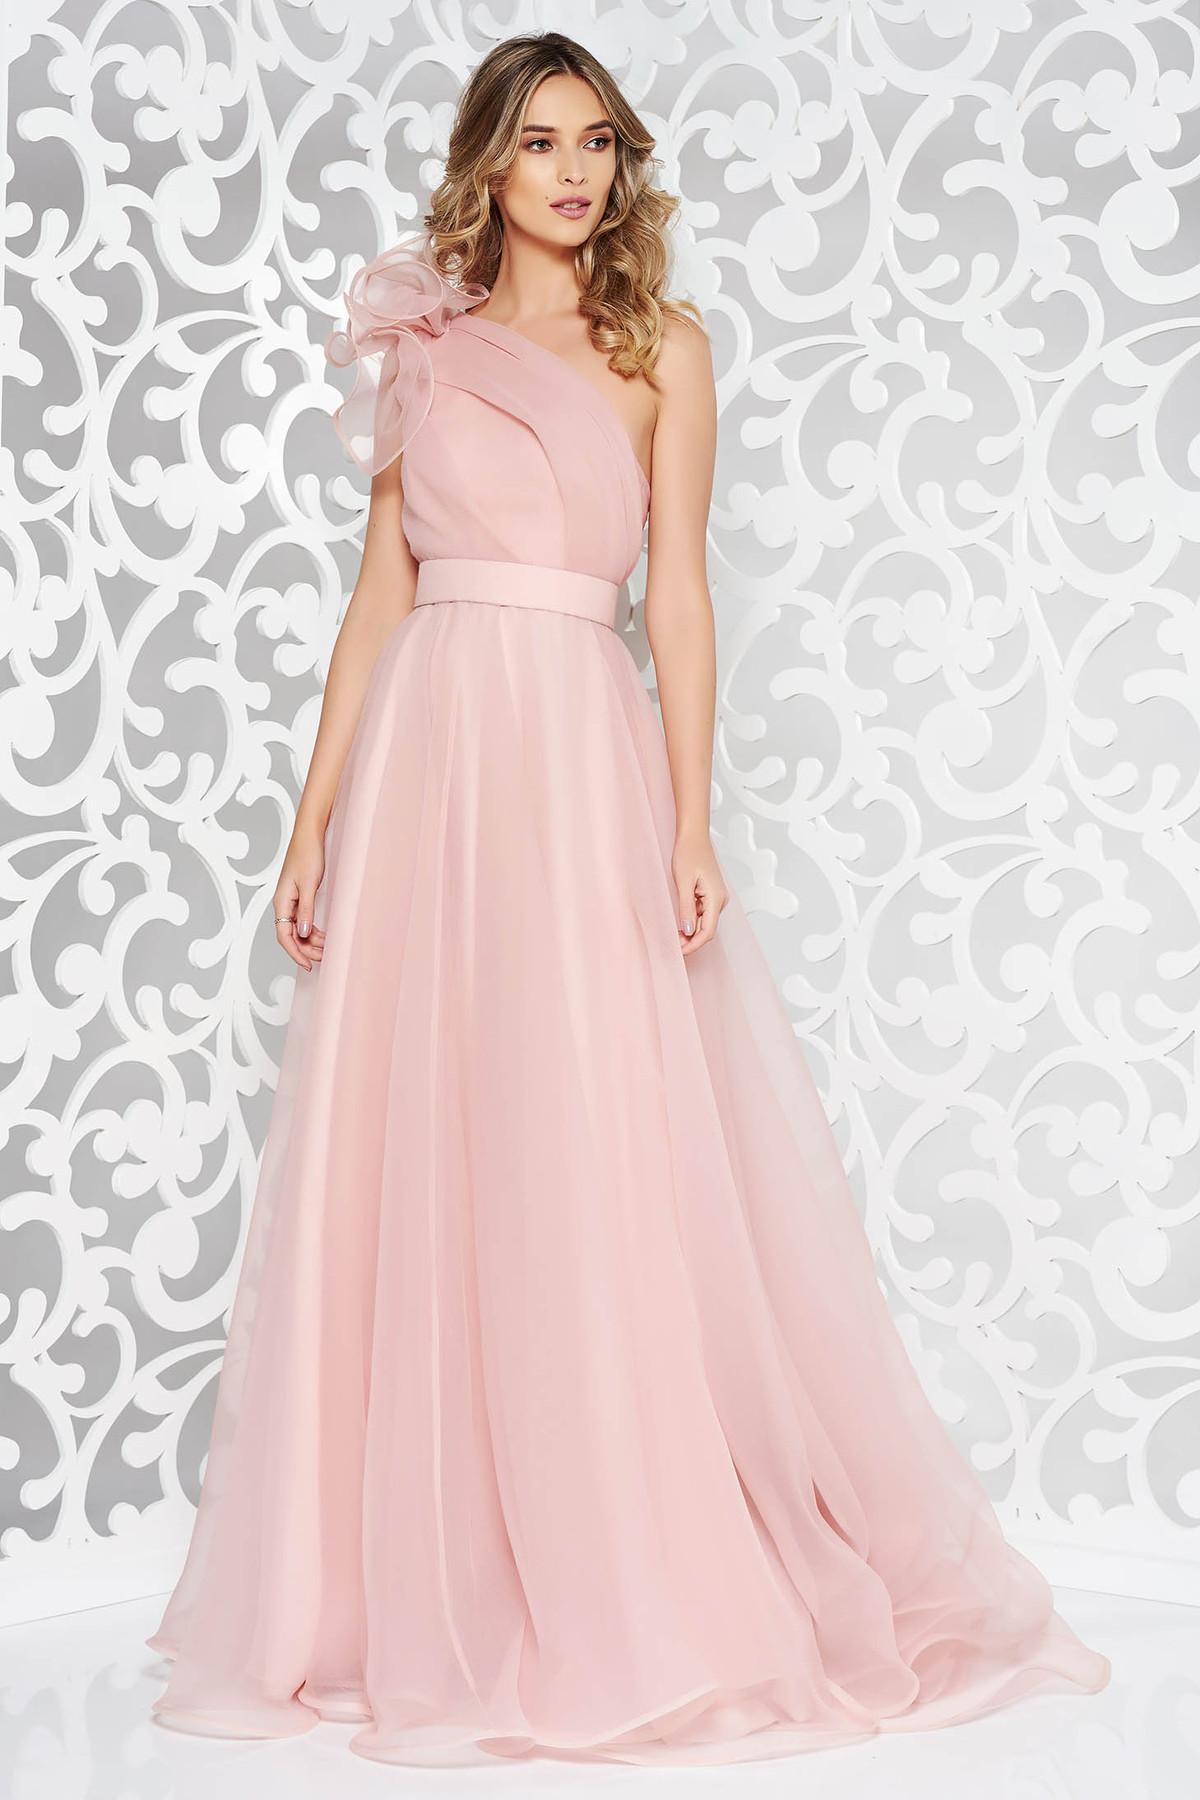 Rochie Ana Radu rosa de lux pe umar din tul captusita pe interior accesorizata cu cordon